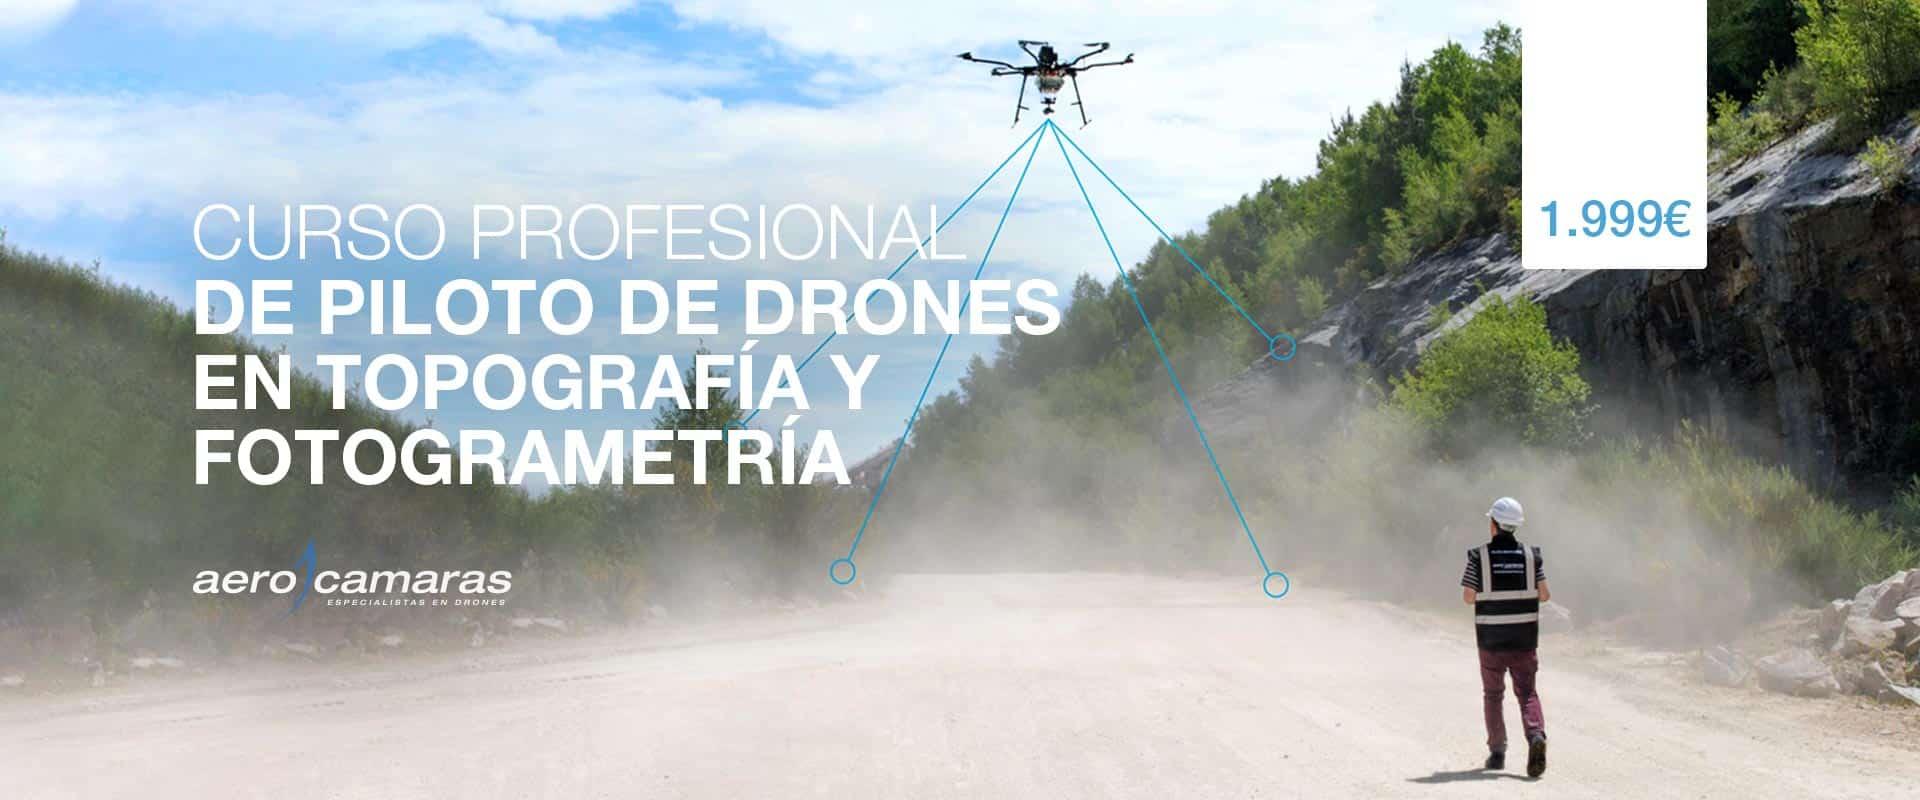 Curso de drones en topografía y fotogrametría